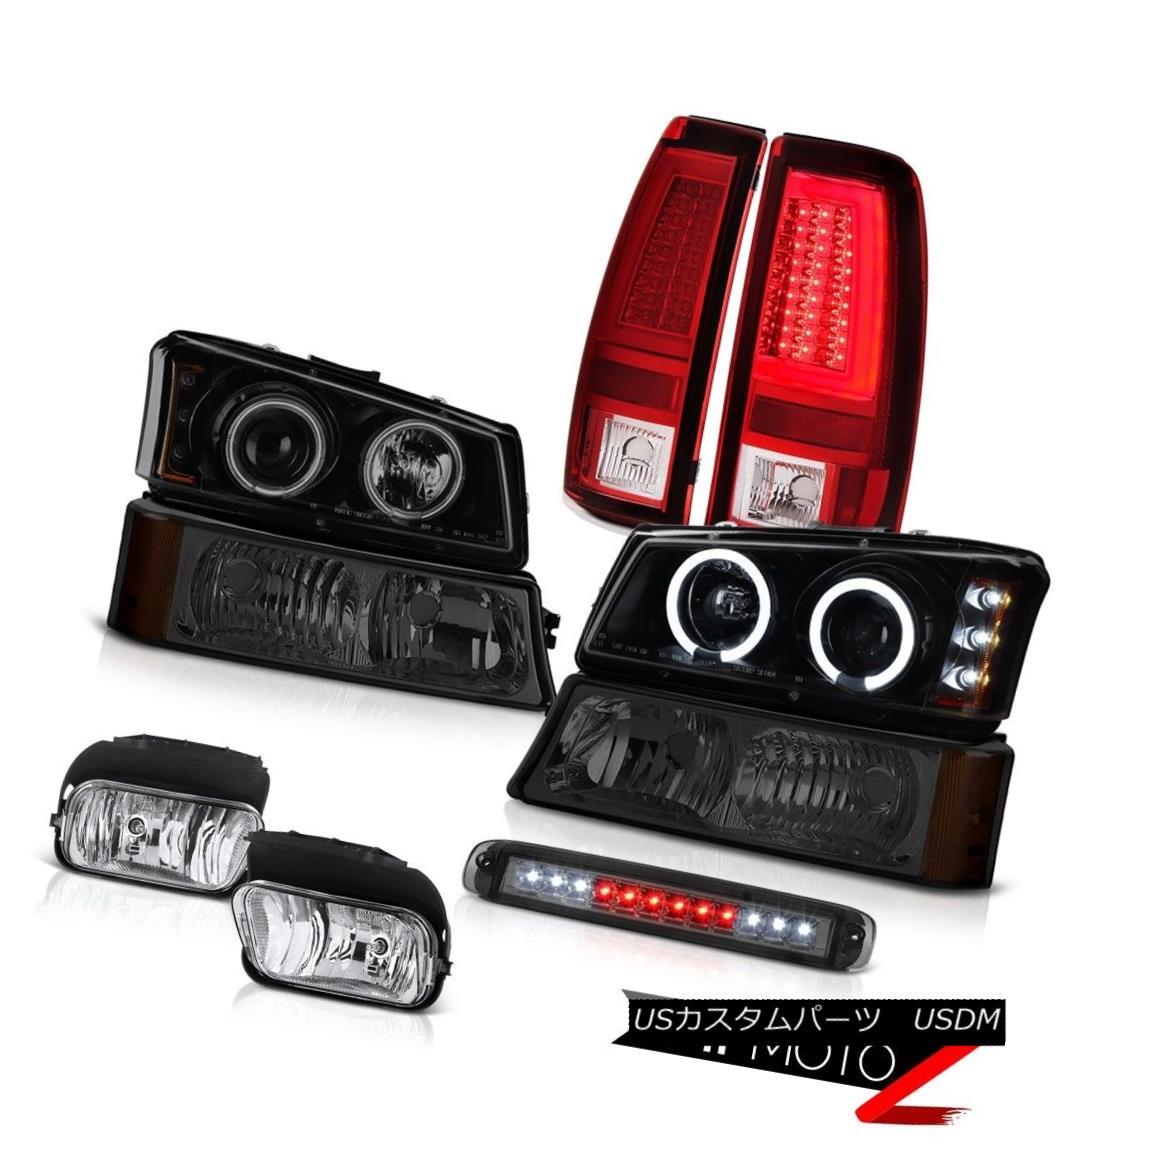 テールライト 03-06 Silverado Taillamps Roof Cab Lamp Foglamps Parking Headlamps